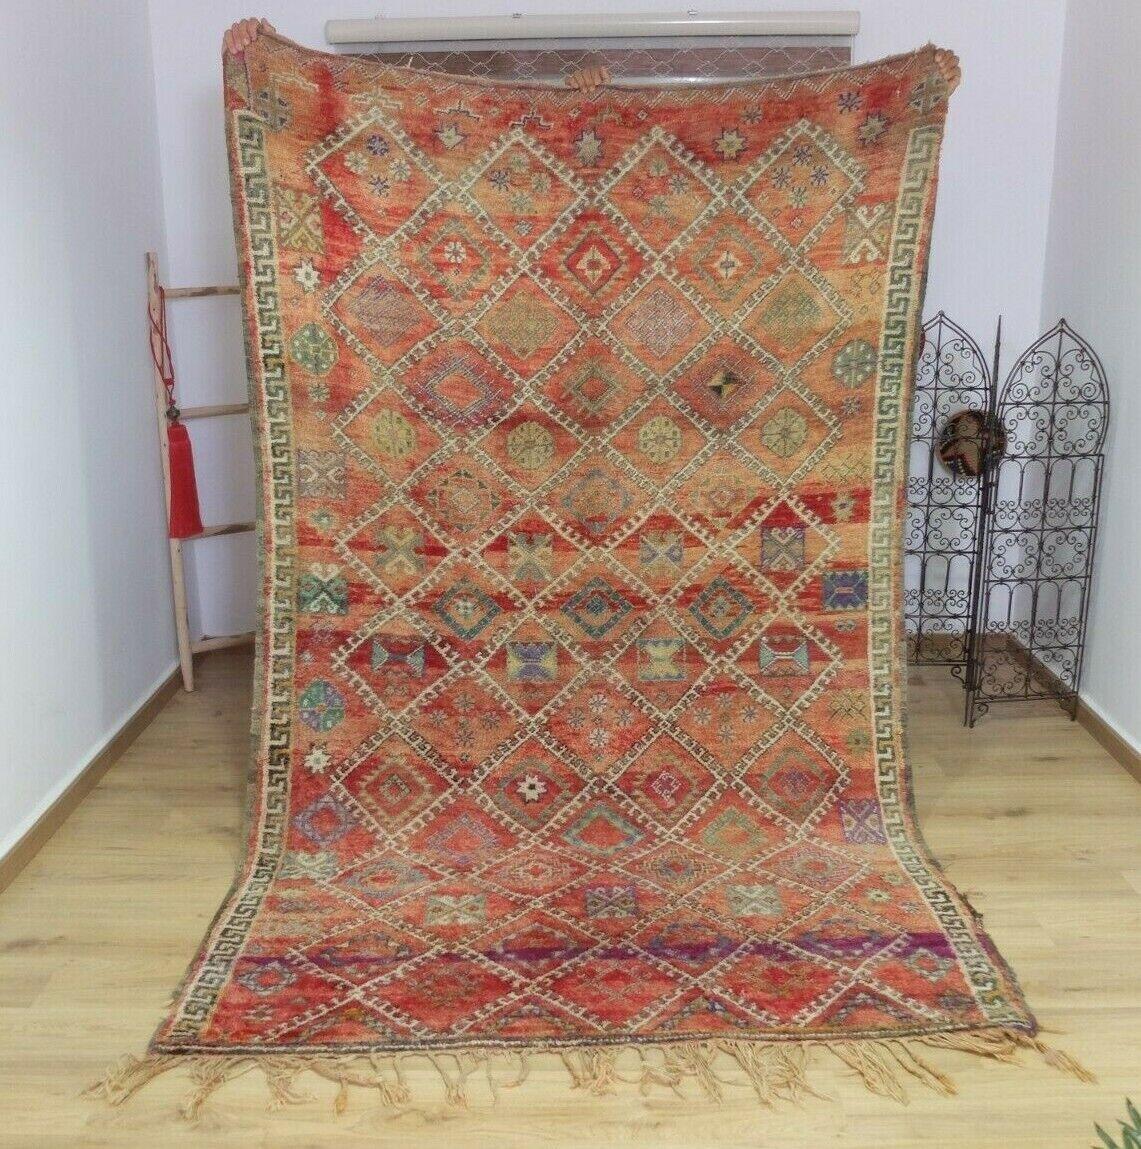 Vintage-Auténtica Alfombra De Lana boujaad bereber (110x70 pulgadas) tejidos a mano Alfombra